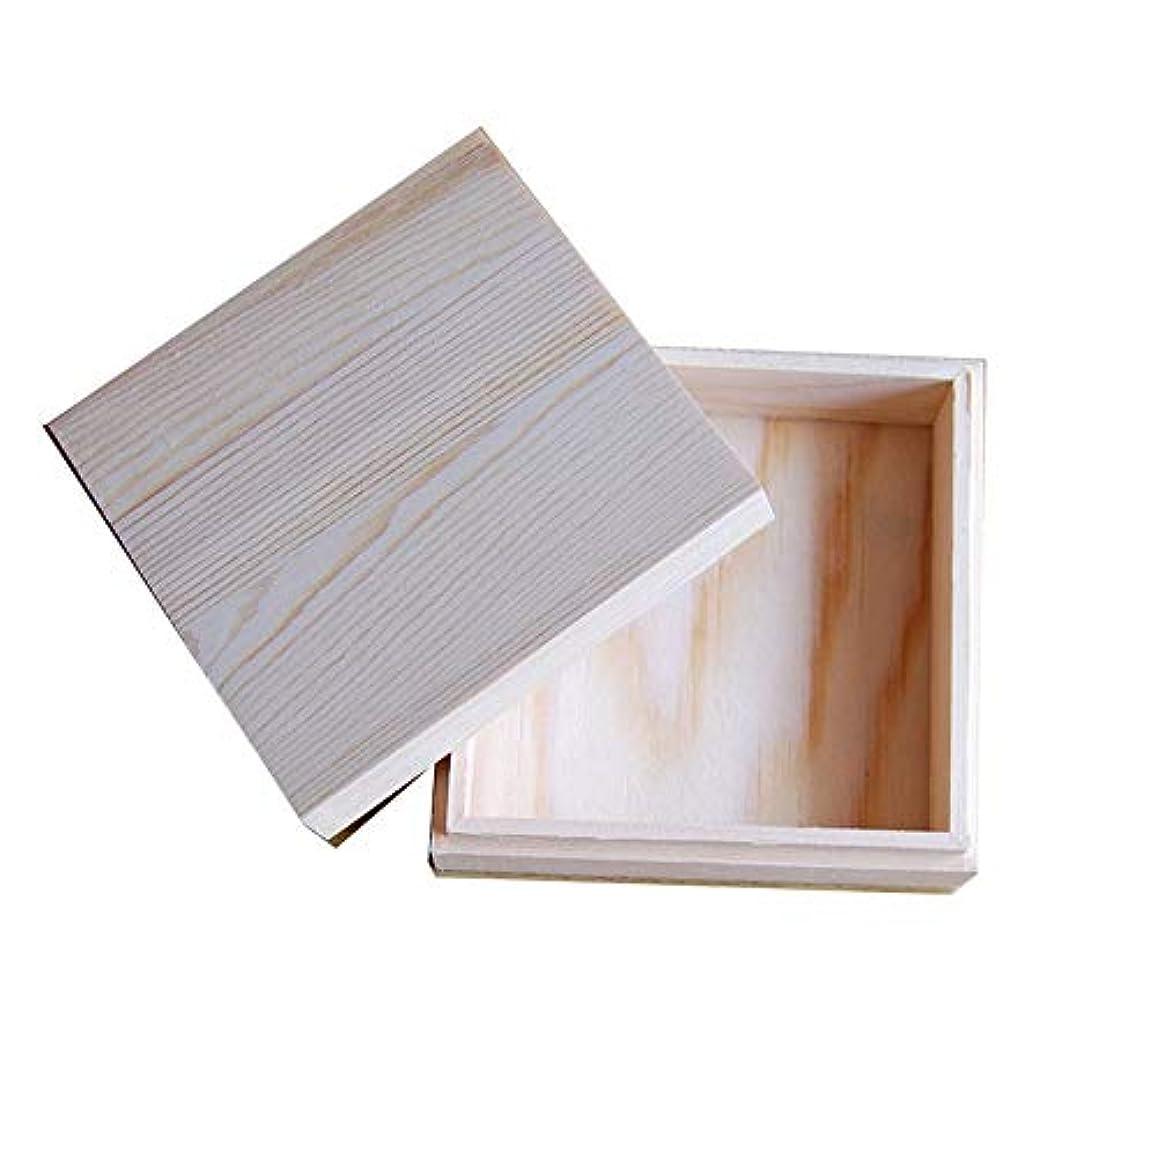 時計回りマーチャンダイザー非難するエッセンシャルオイルの保管 木製のエッセンシャルオイルストレージボックス安全に油を維持するためのベスト (色 : Natural, サイズ : 11.5X11.5X5CM)